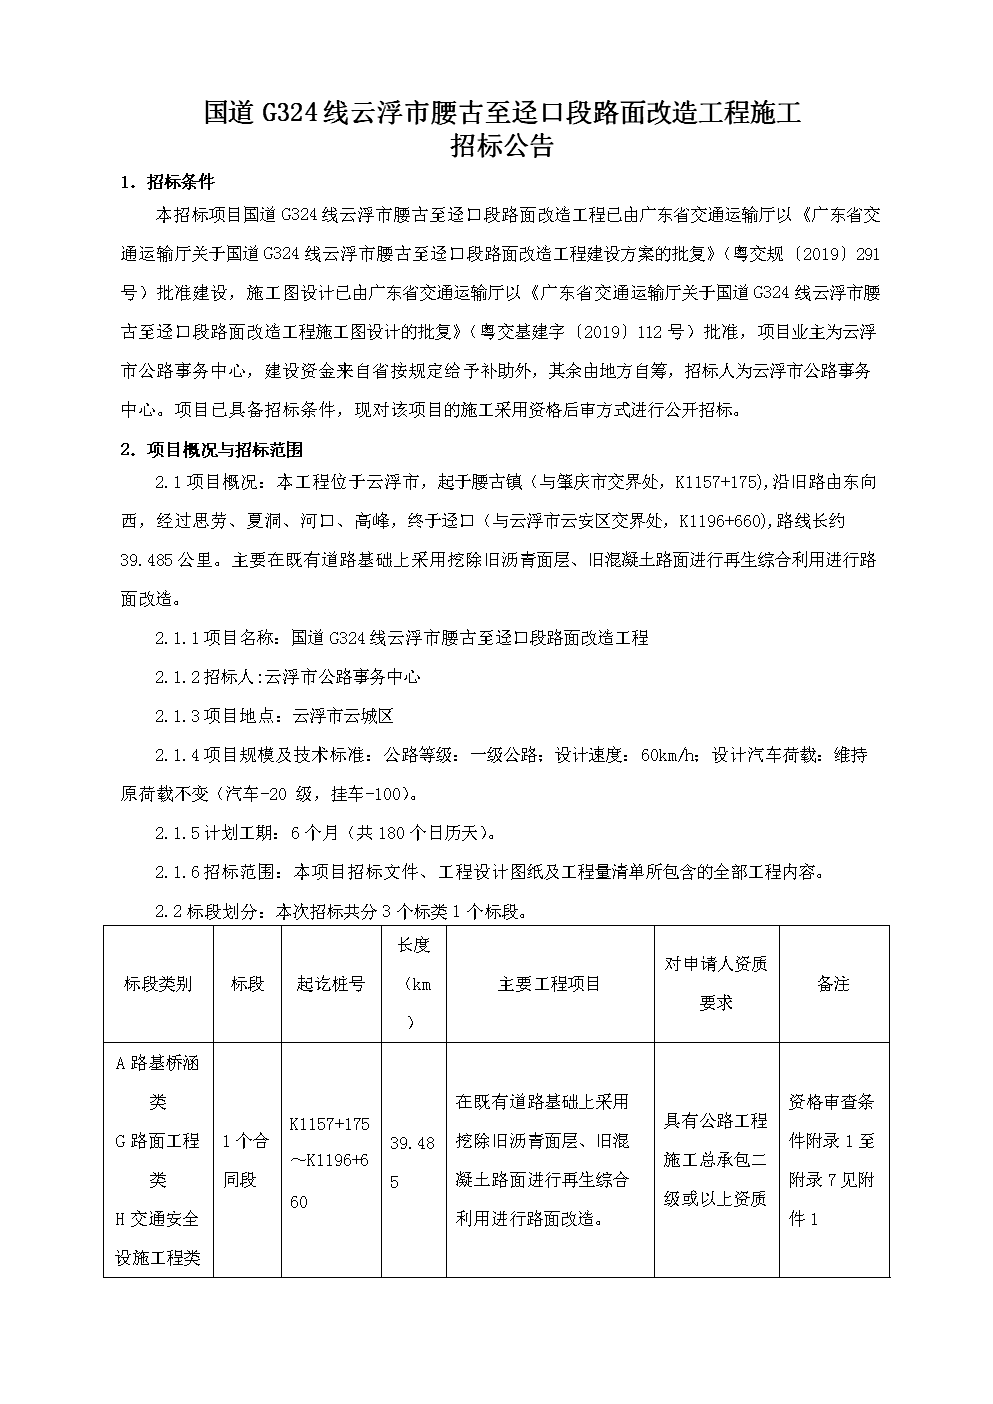 国道G324线云浮腰古至迳口段路面改造工程施工.doc